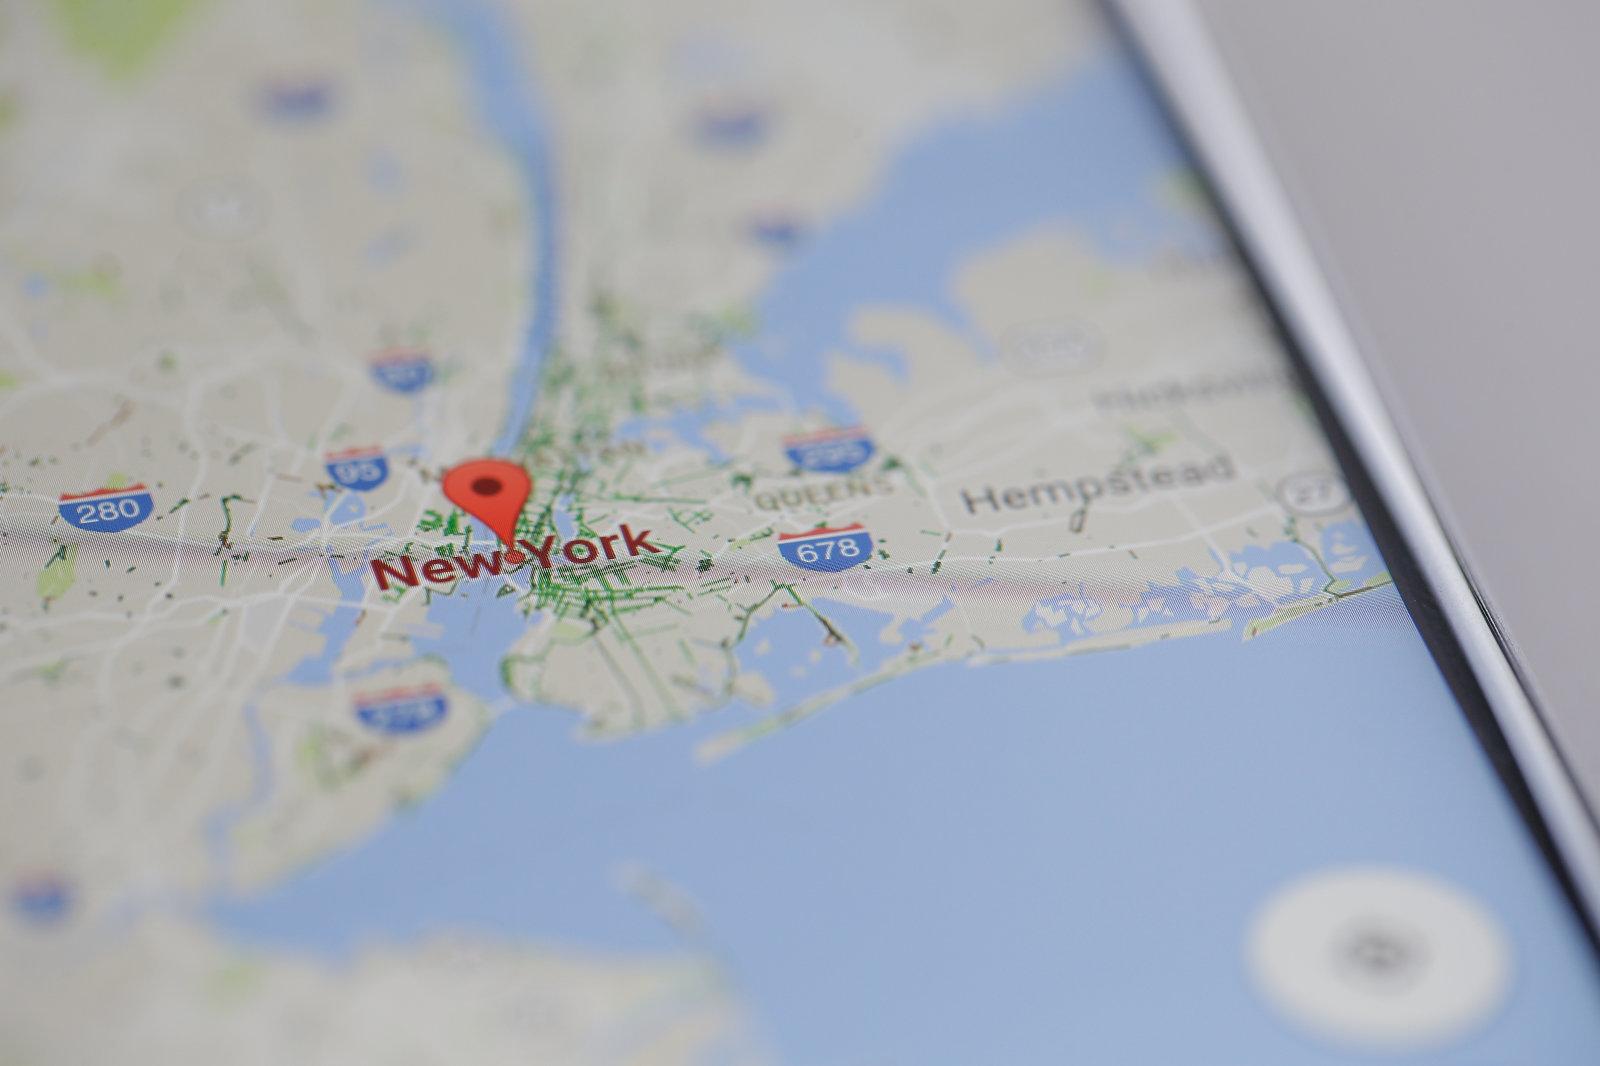 درخواست پلیس برای دادههای موقعیت مکانی از گوگل افزایش یافته است